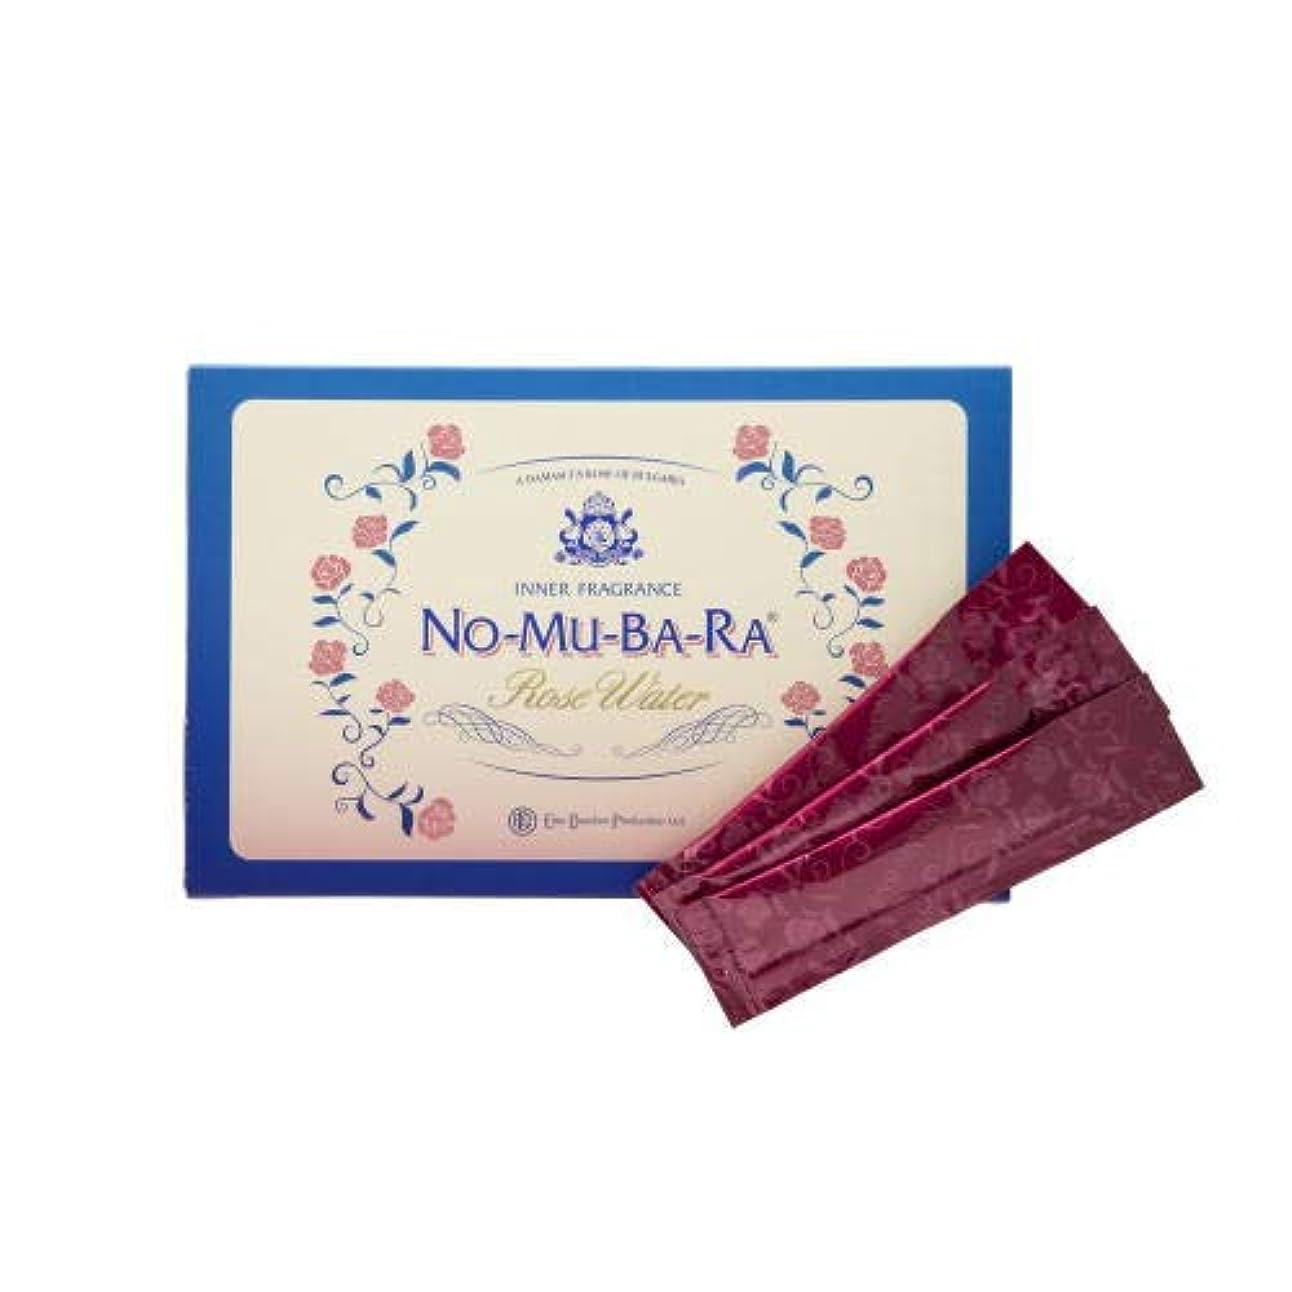 ホームレススリンクカップNO-MU-BA-RA NO-MU-BA-RA(ノムバラ)(35包入)×2箱【モンドセレクション受賞】